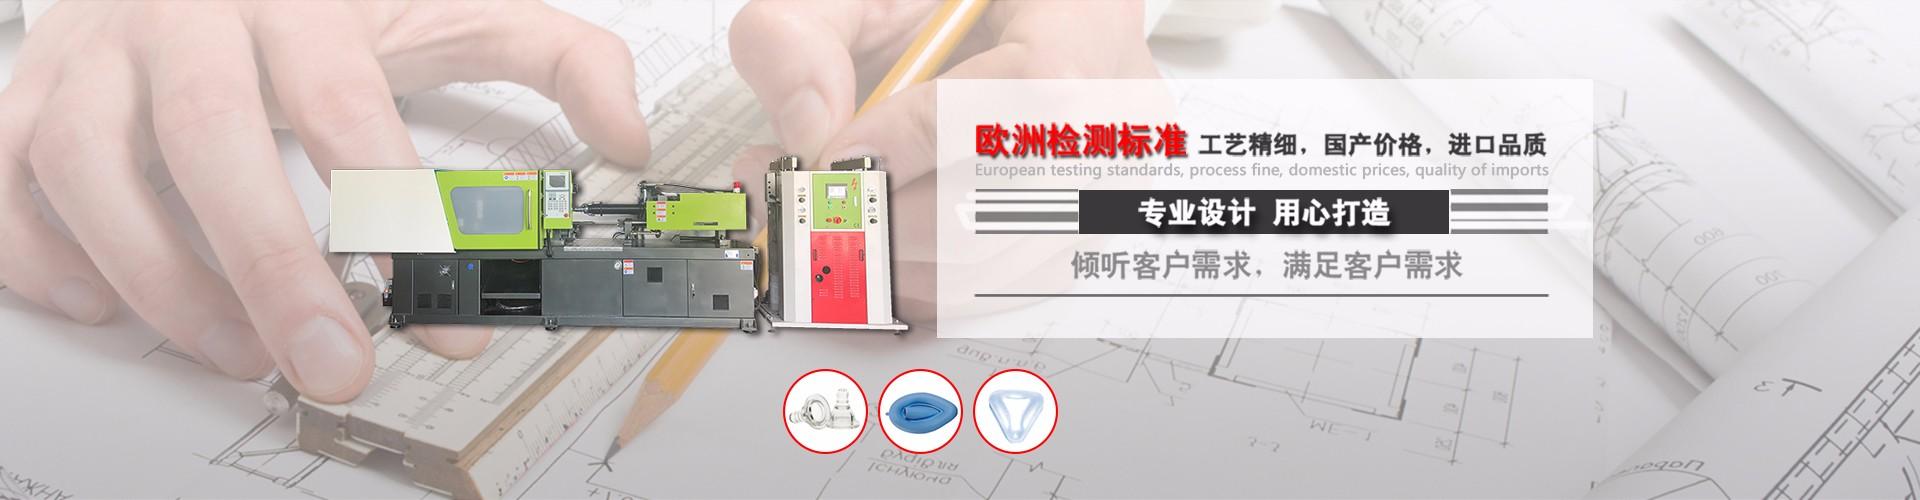 液態硅膠機廠家解析液態硅膠與固態硅膠區別在形態